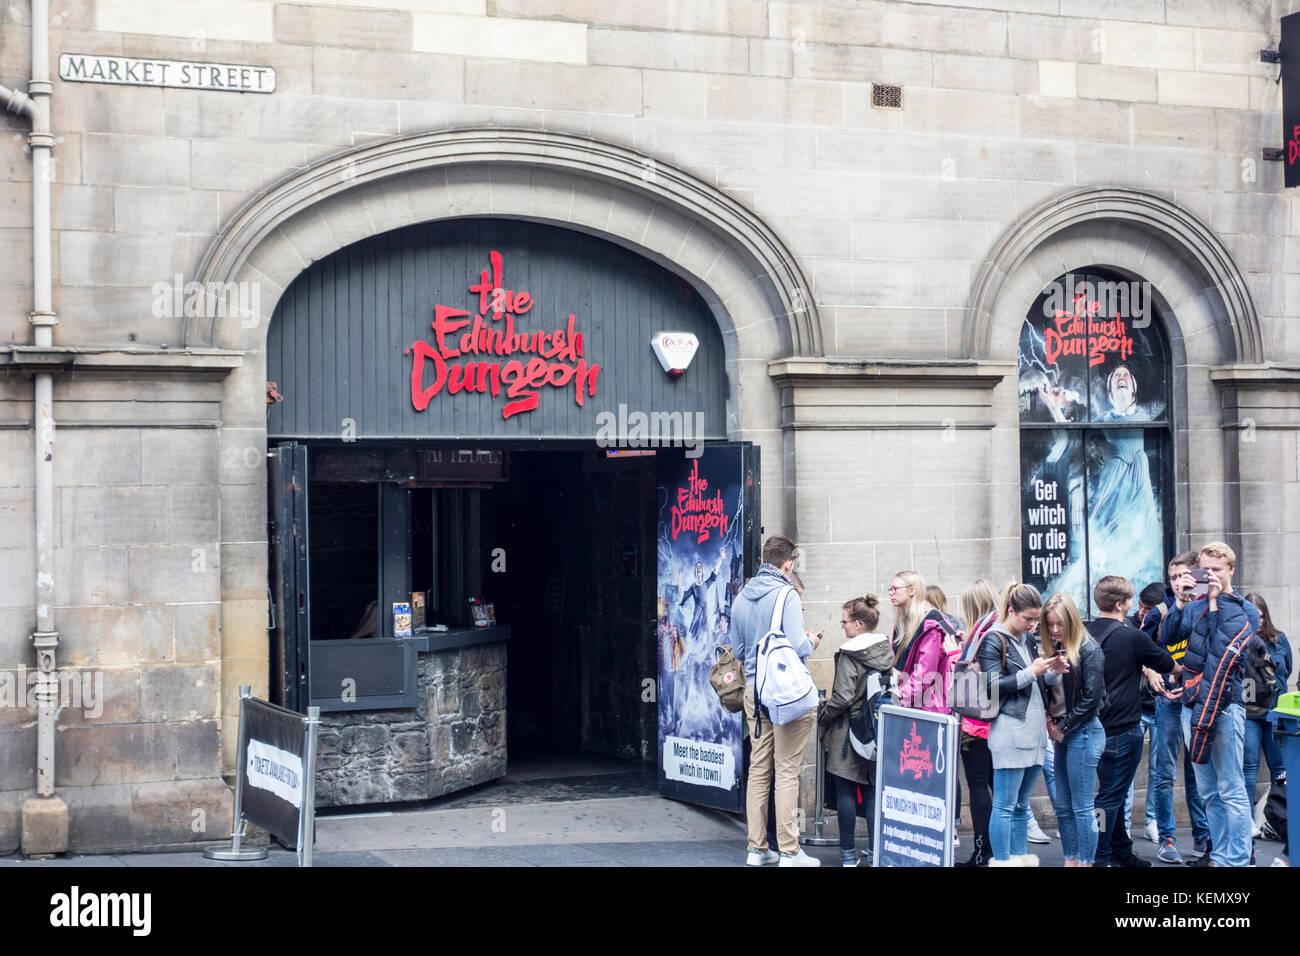 Les gens dans une file d'attente à l'extérieur de l'Edinburgh Dungeon, Market Street, Édimbourg, Photo Stock